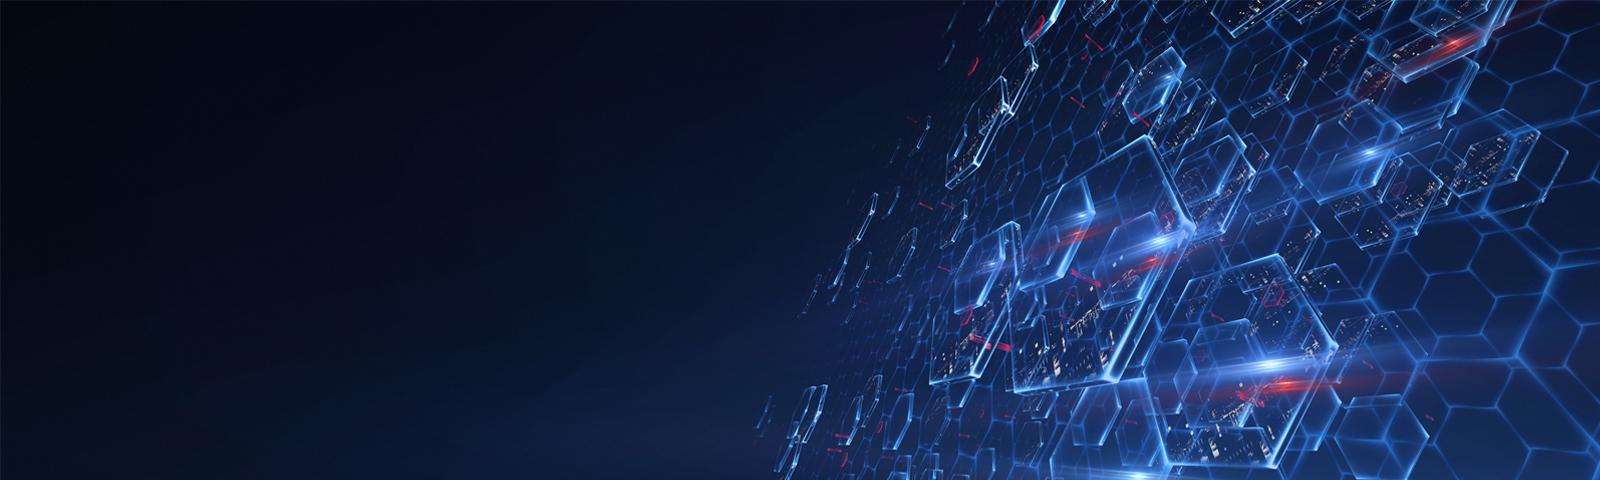 Introducing Cisco Crosswork